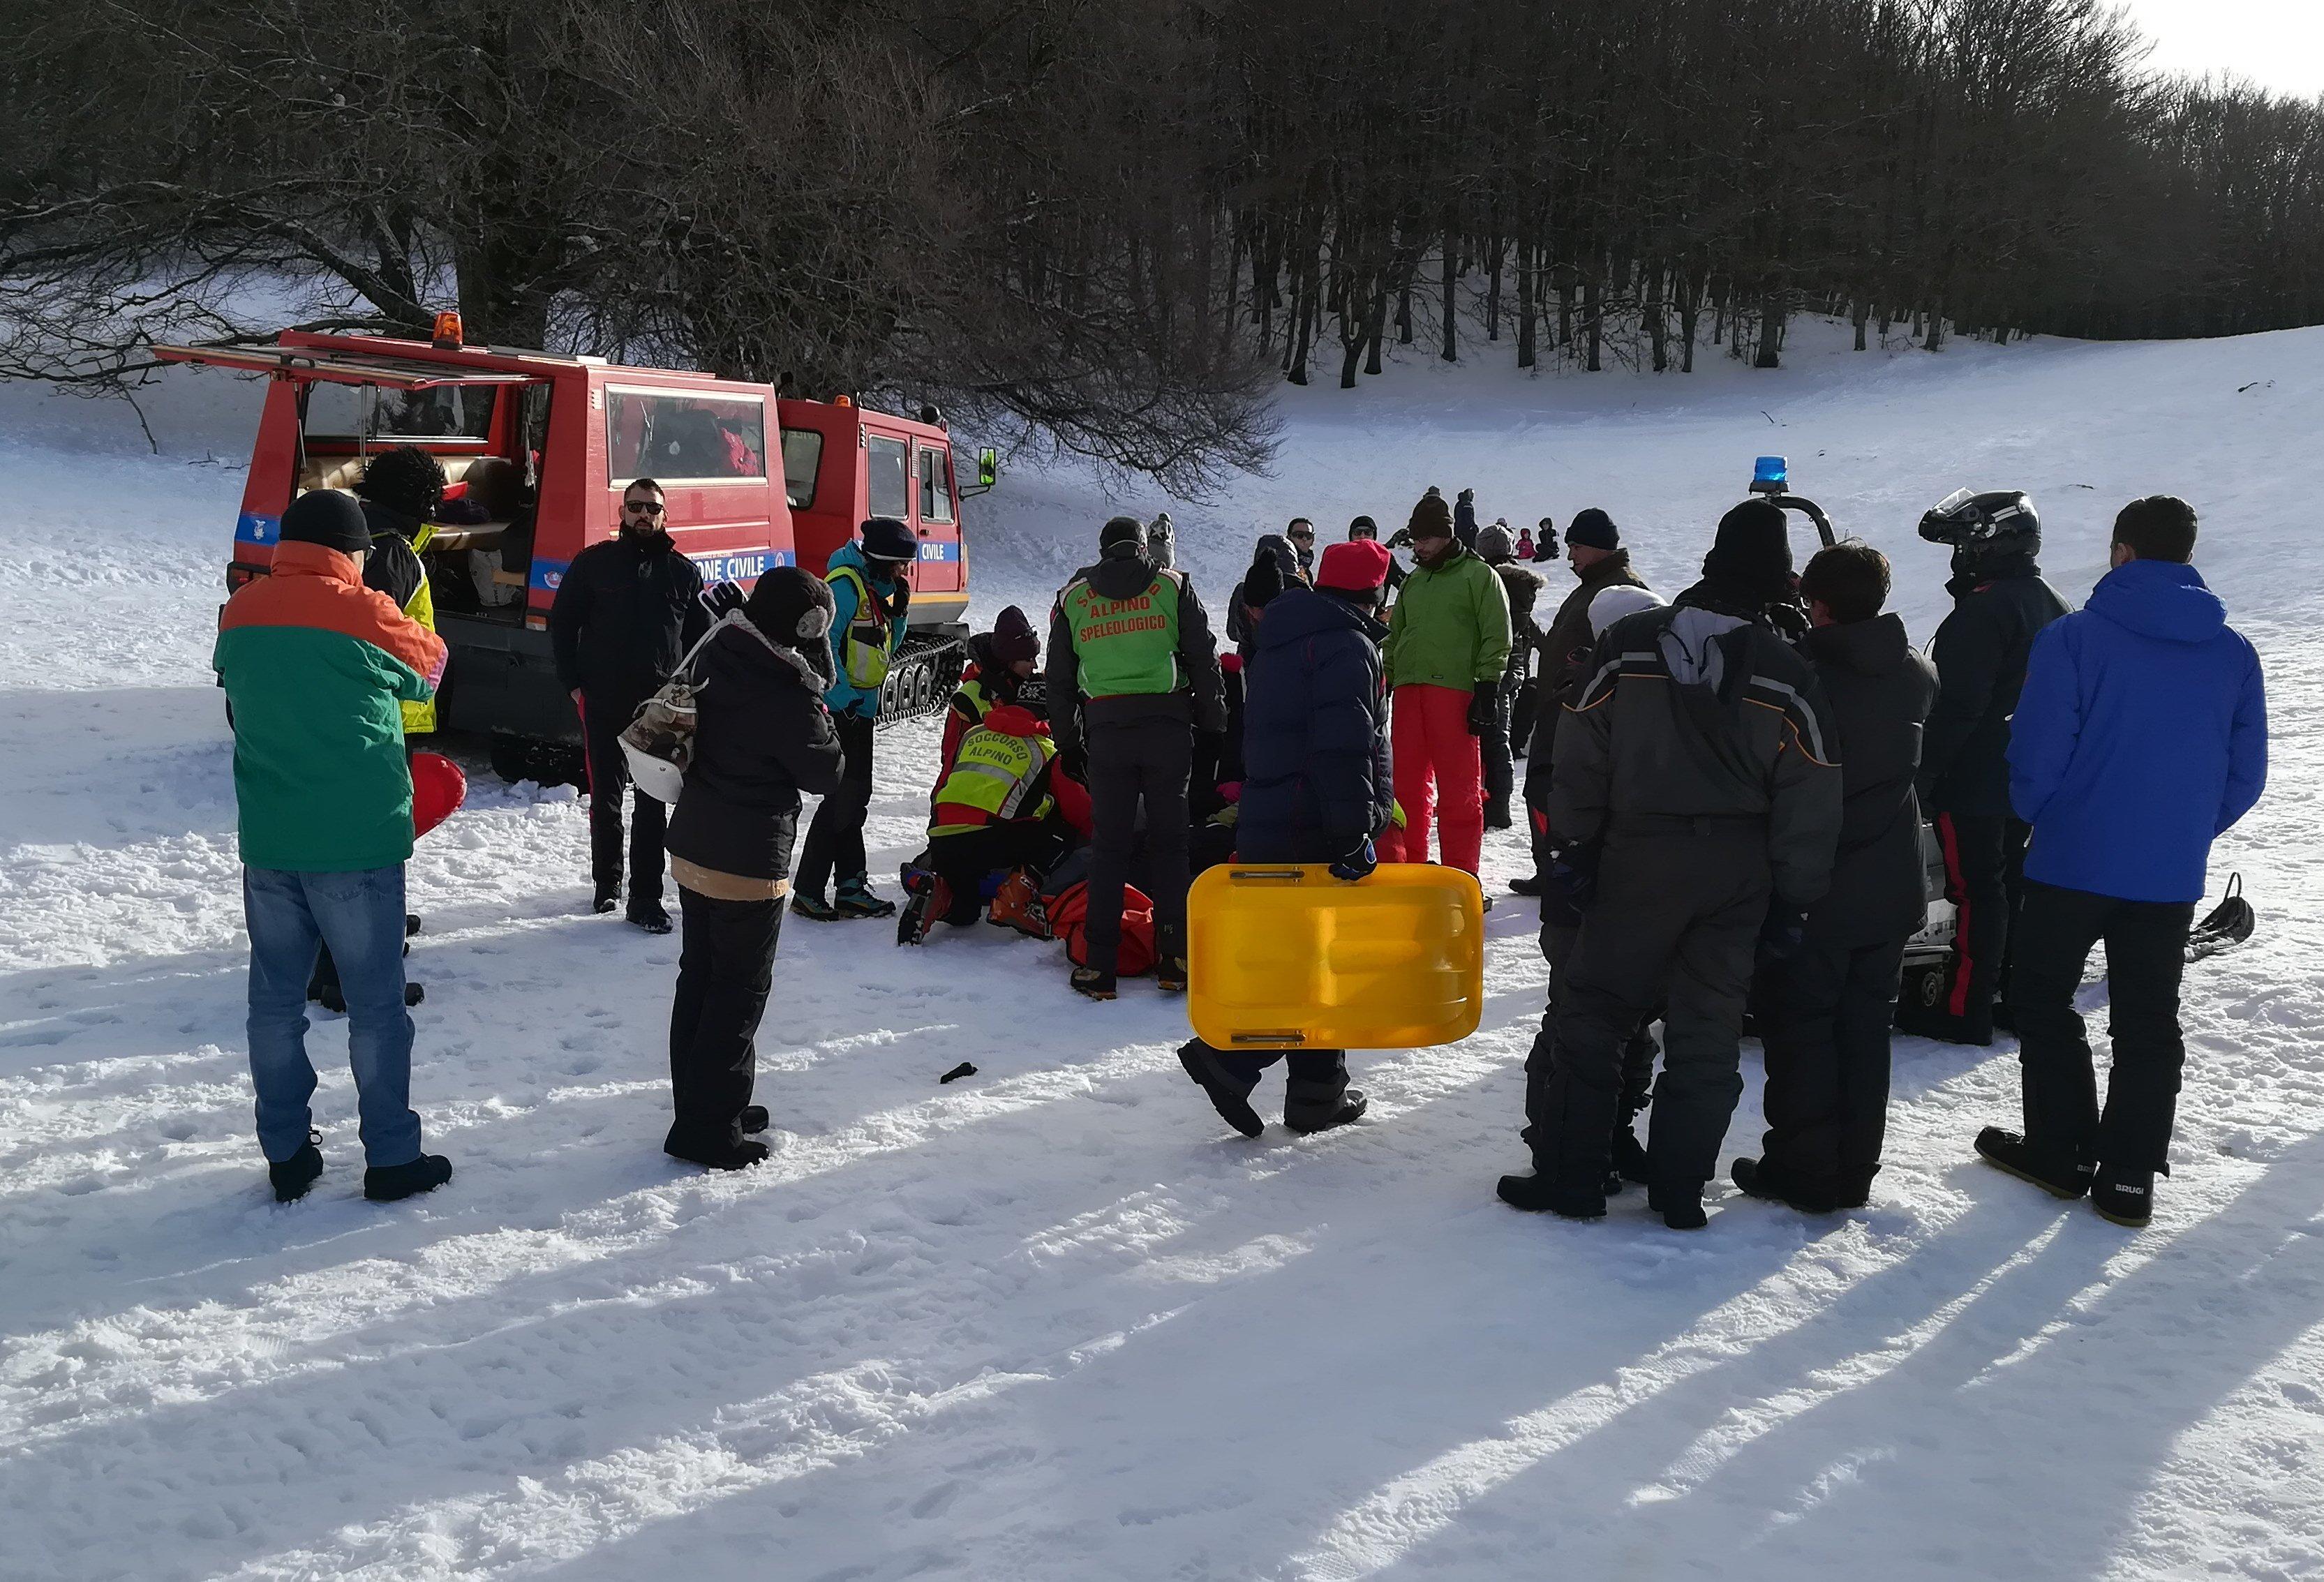 Piano Battaglia sommersa dalla neve: 6 persone soccorse nel week end